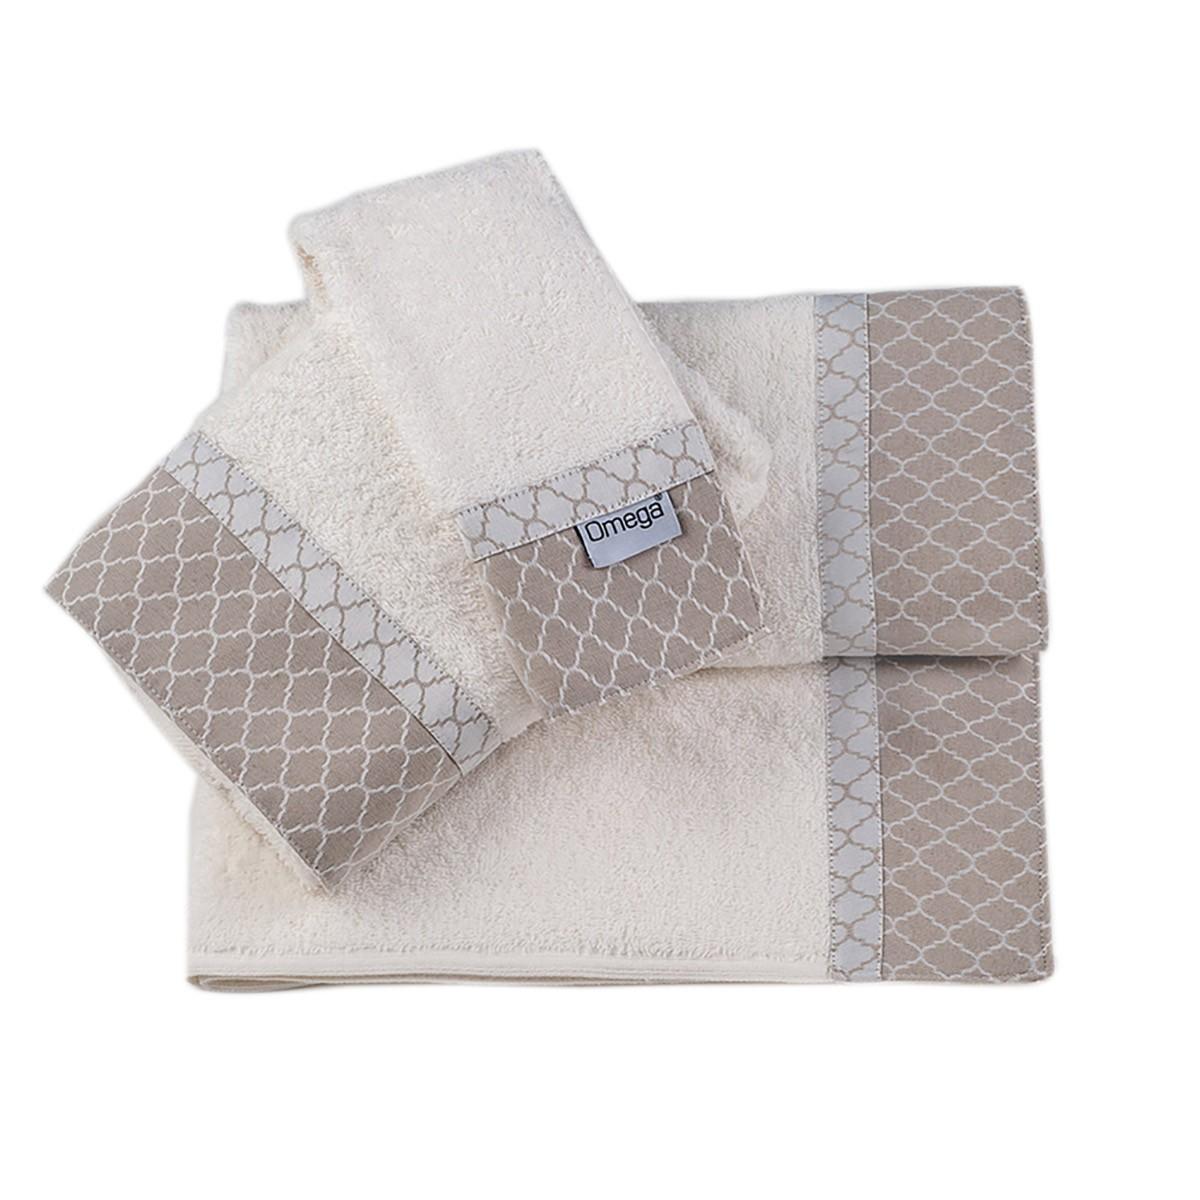 Πετσέτες Μπάνιου (Σετ 3τμχ) Omega Home Des 128